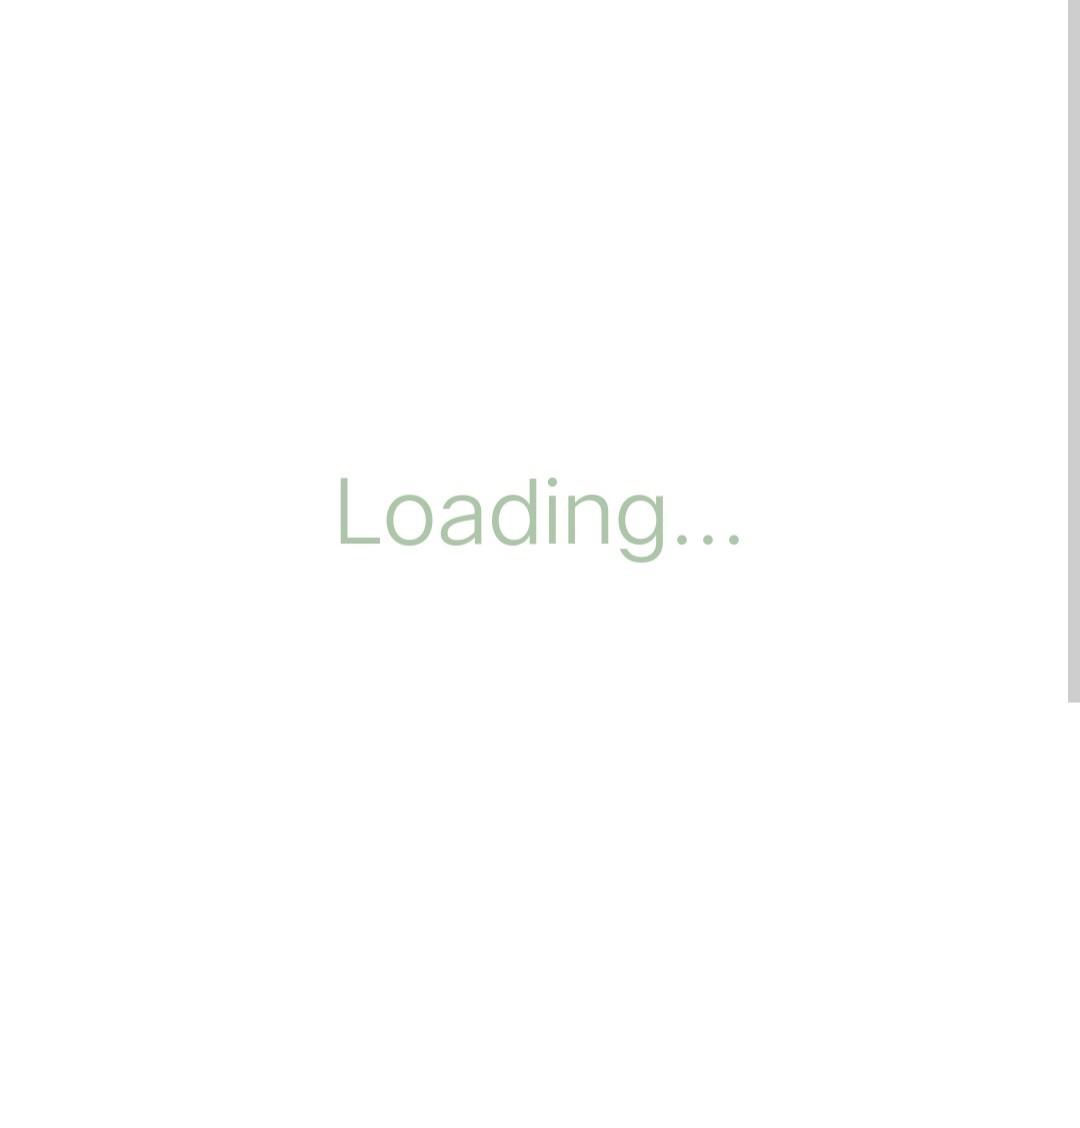 增加Loading加载特效